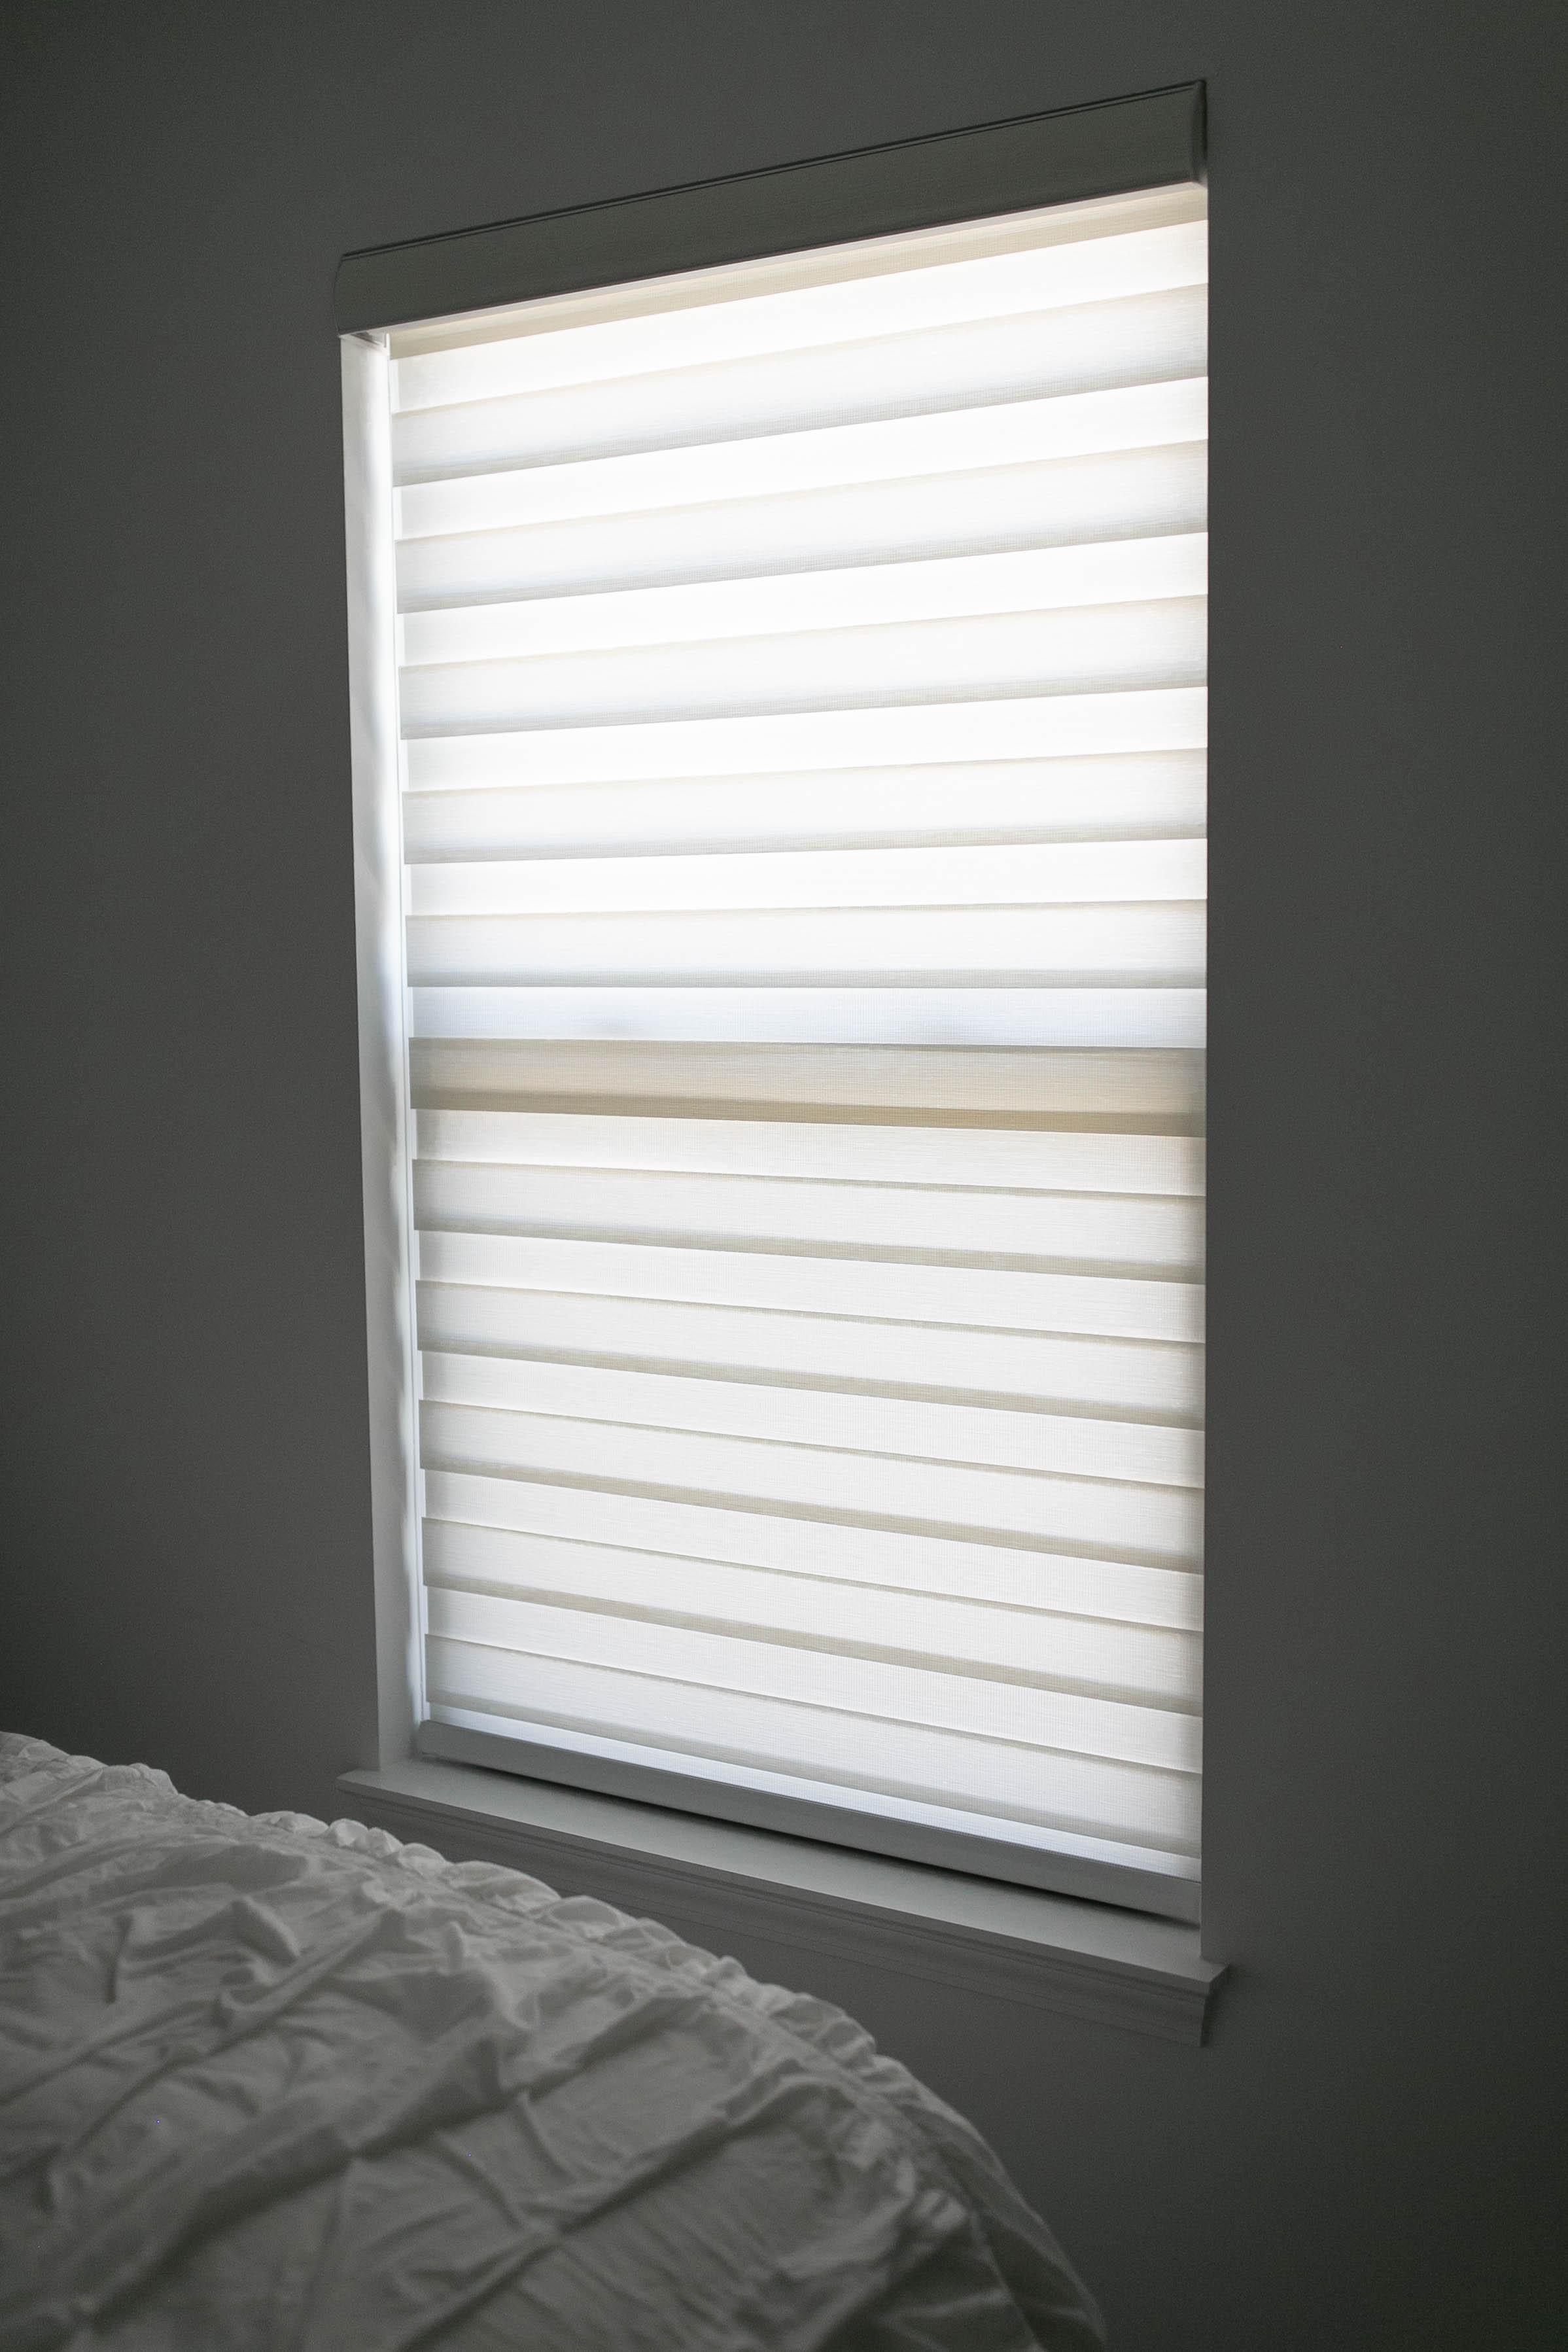 blinds-28.jpg